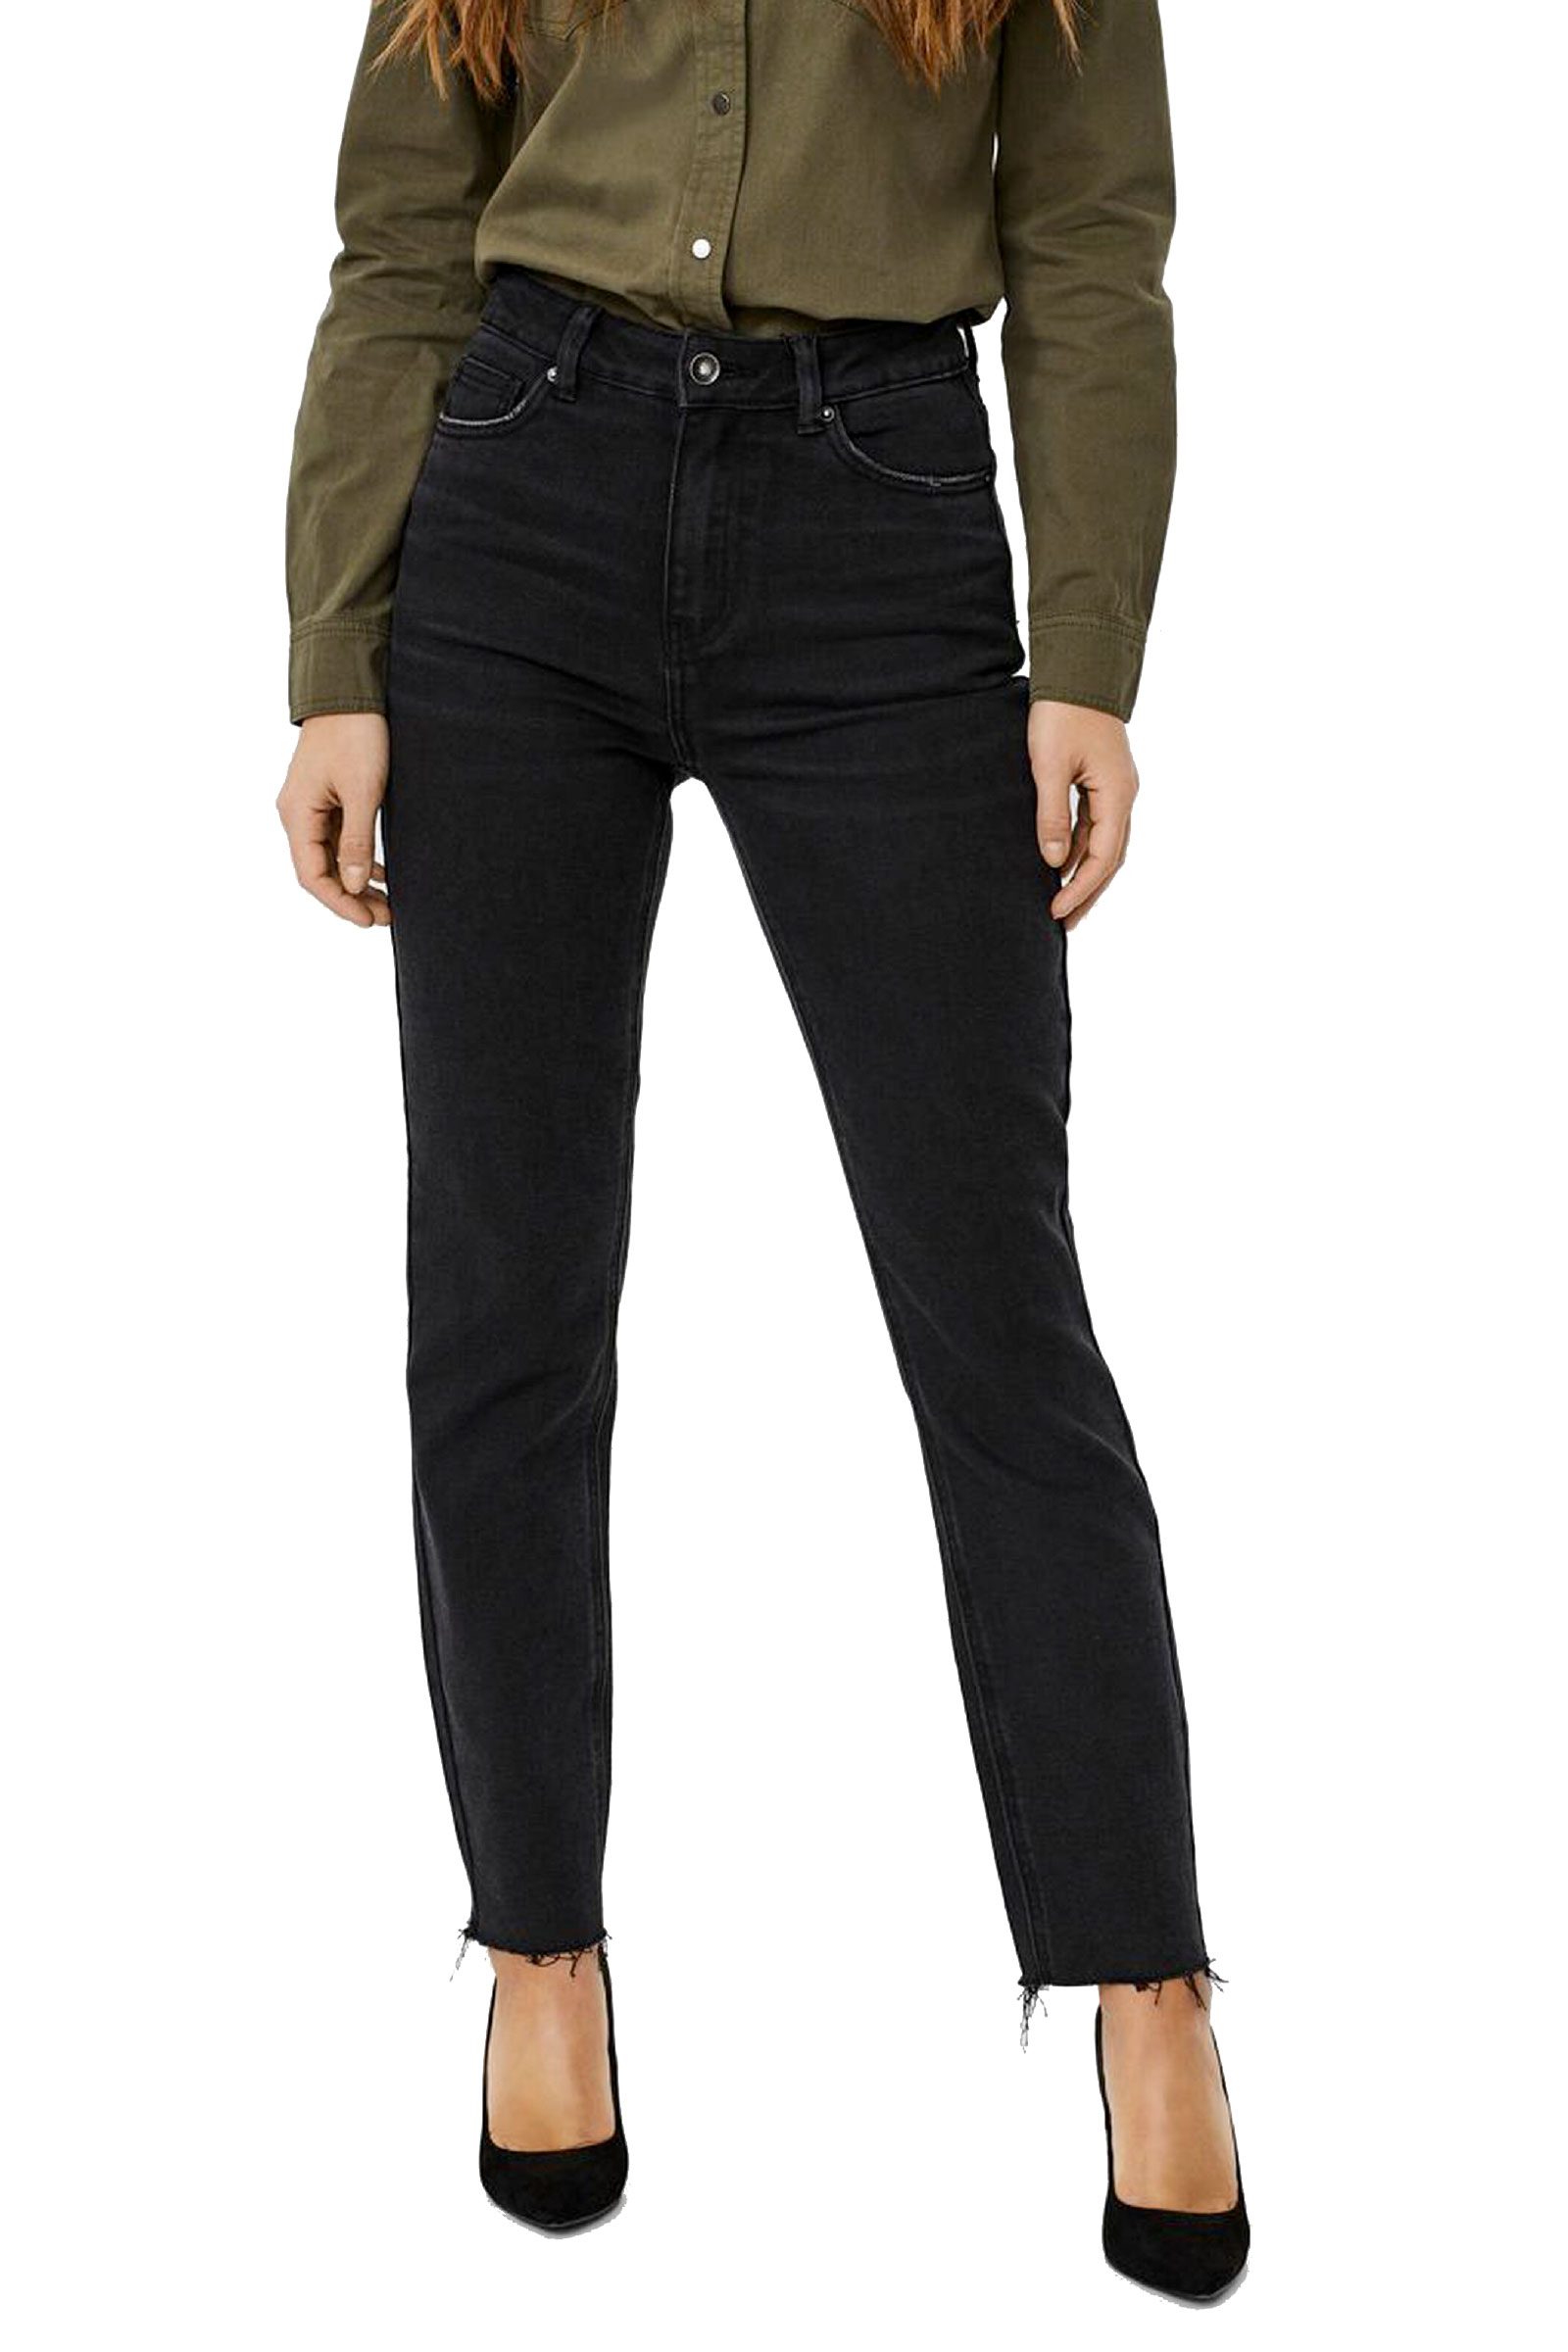 Jeans Donna VERO MODA   Jeans   10247008Black Denim